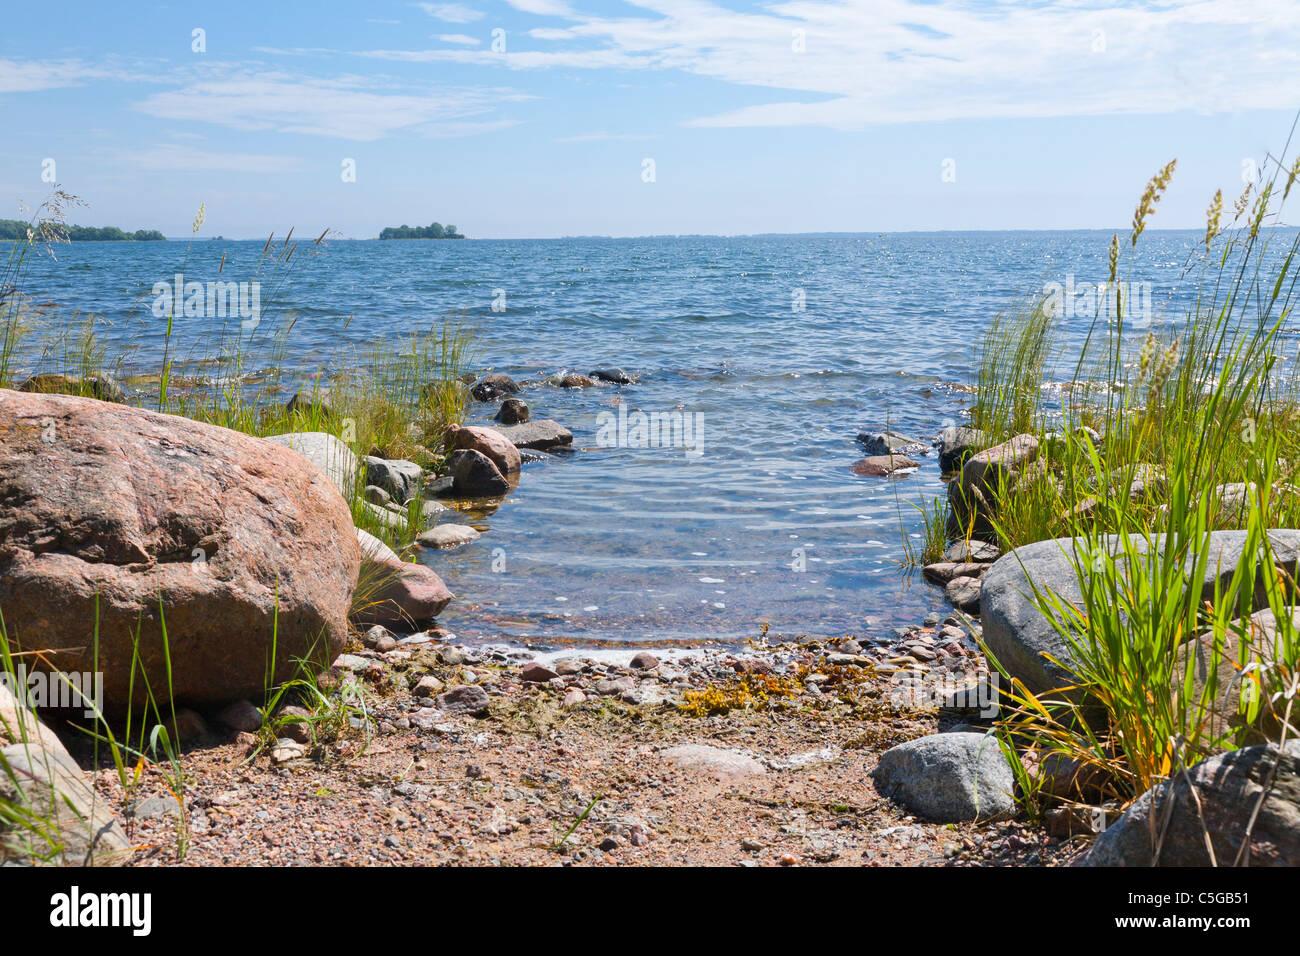 Archipelago of Stockholm, Sweden. - Stock Image